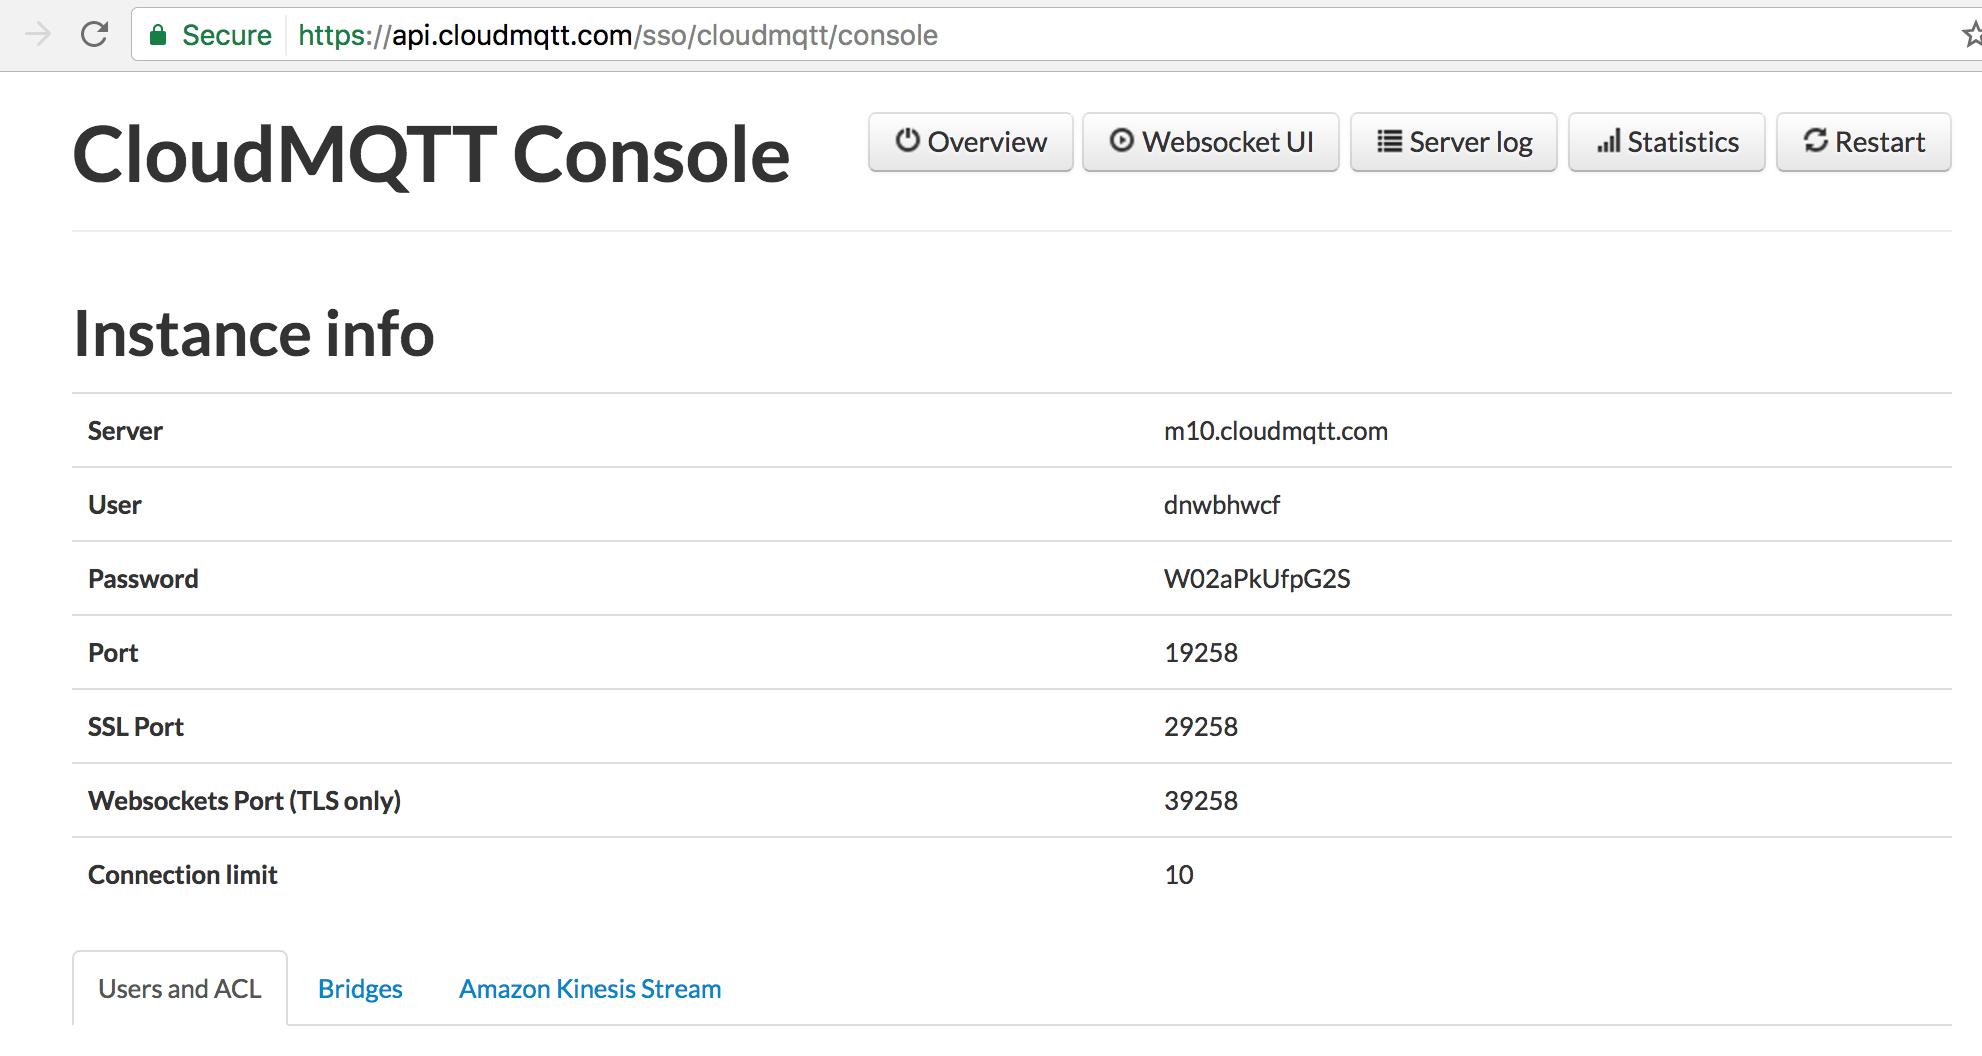 CloudMQTT console